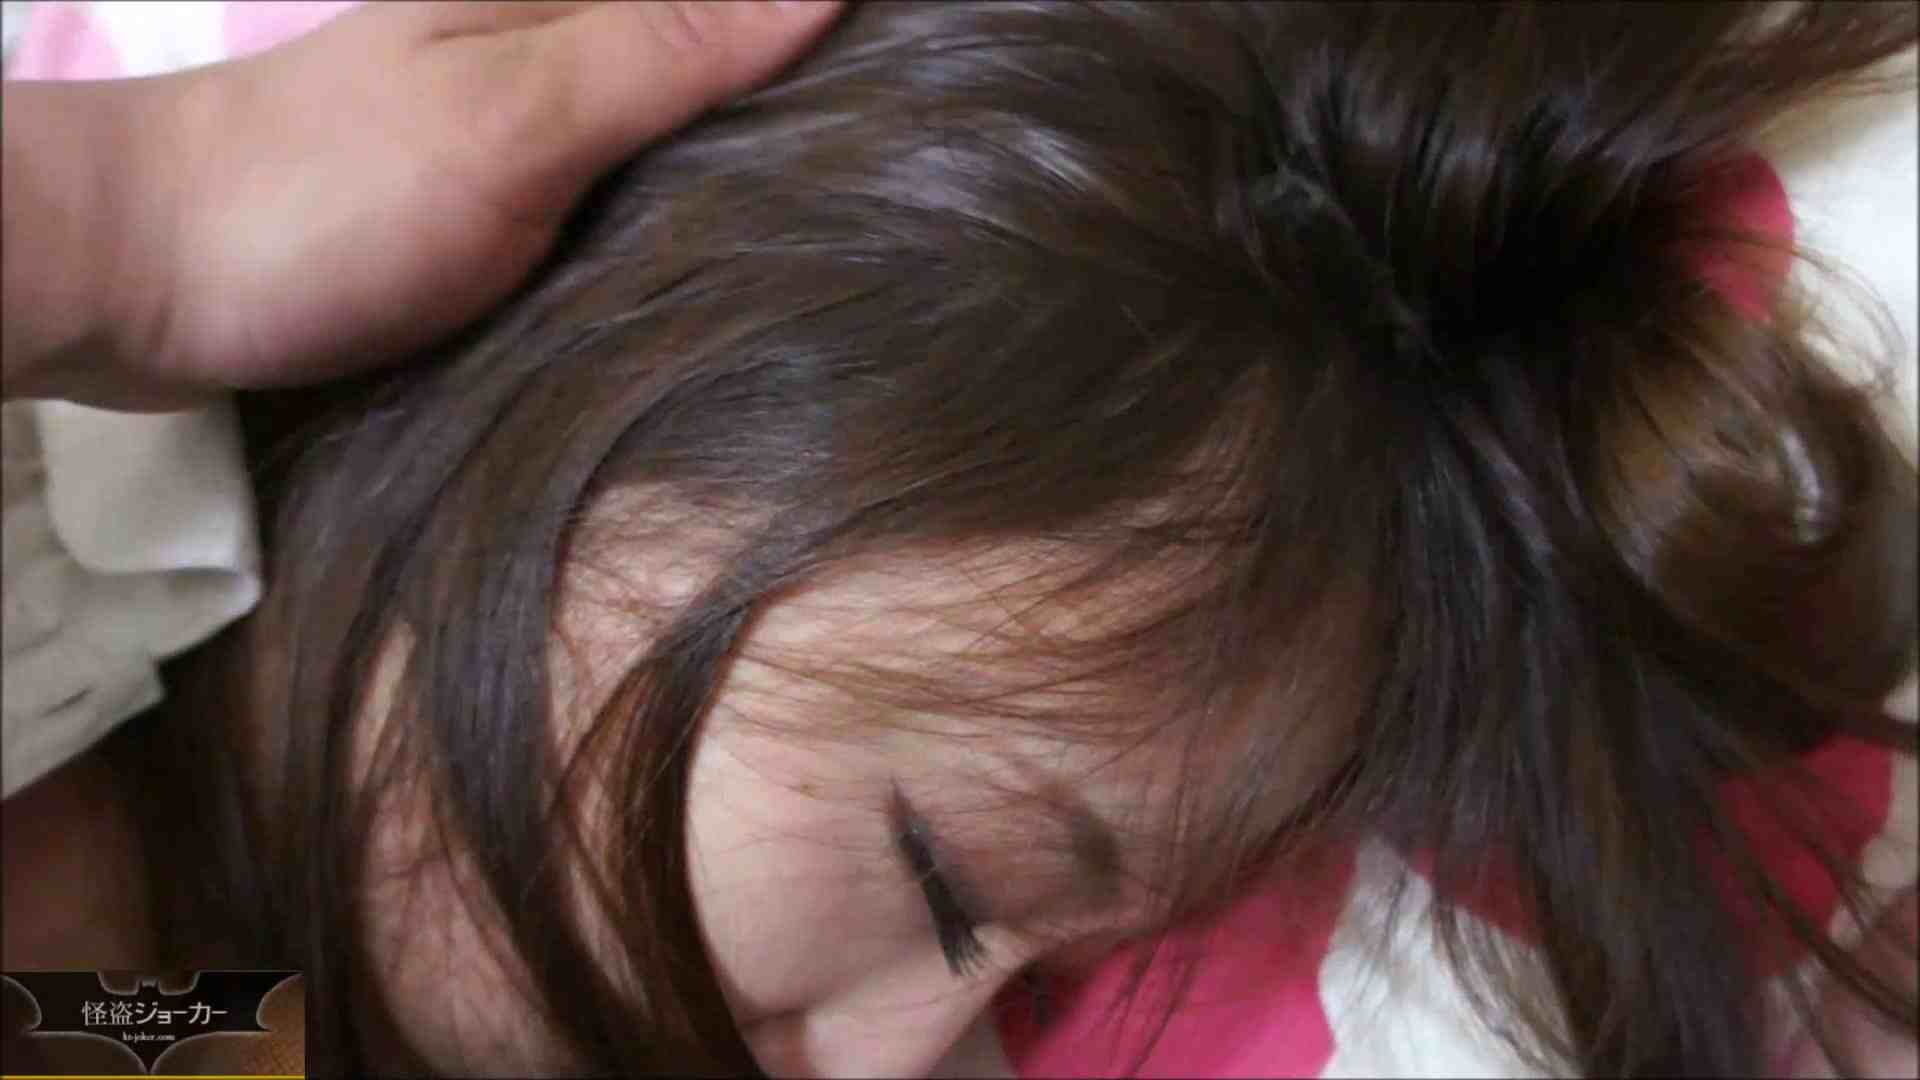 【未公開】vol.23 ユリナ、寝取られのアト。 OLハメ撮り  107Pix 39